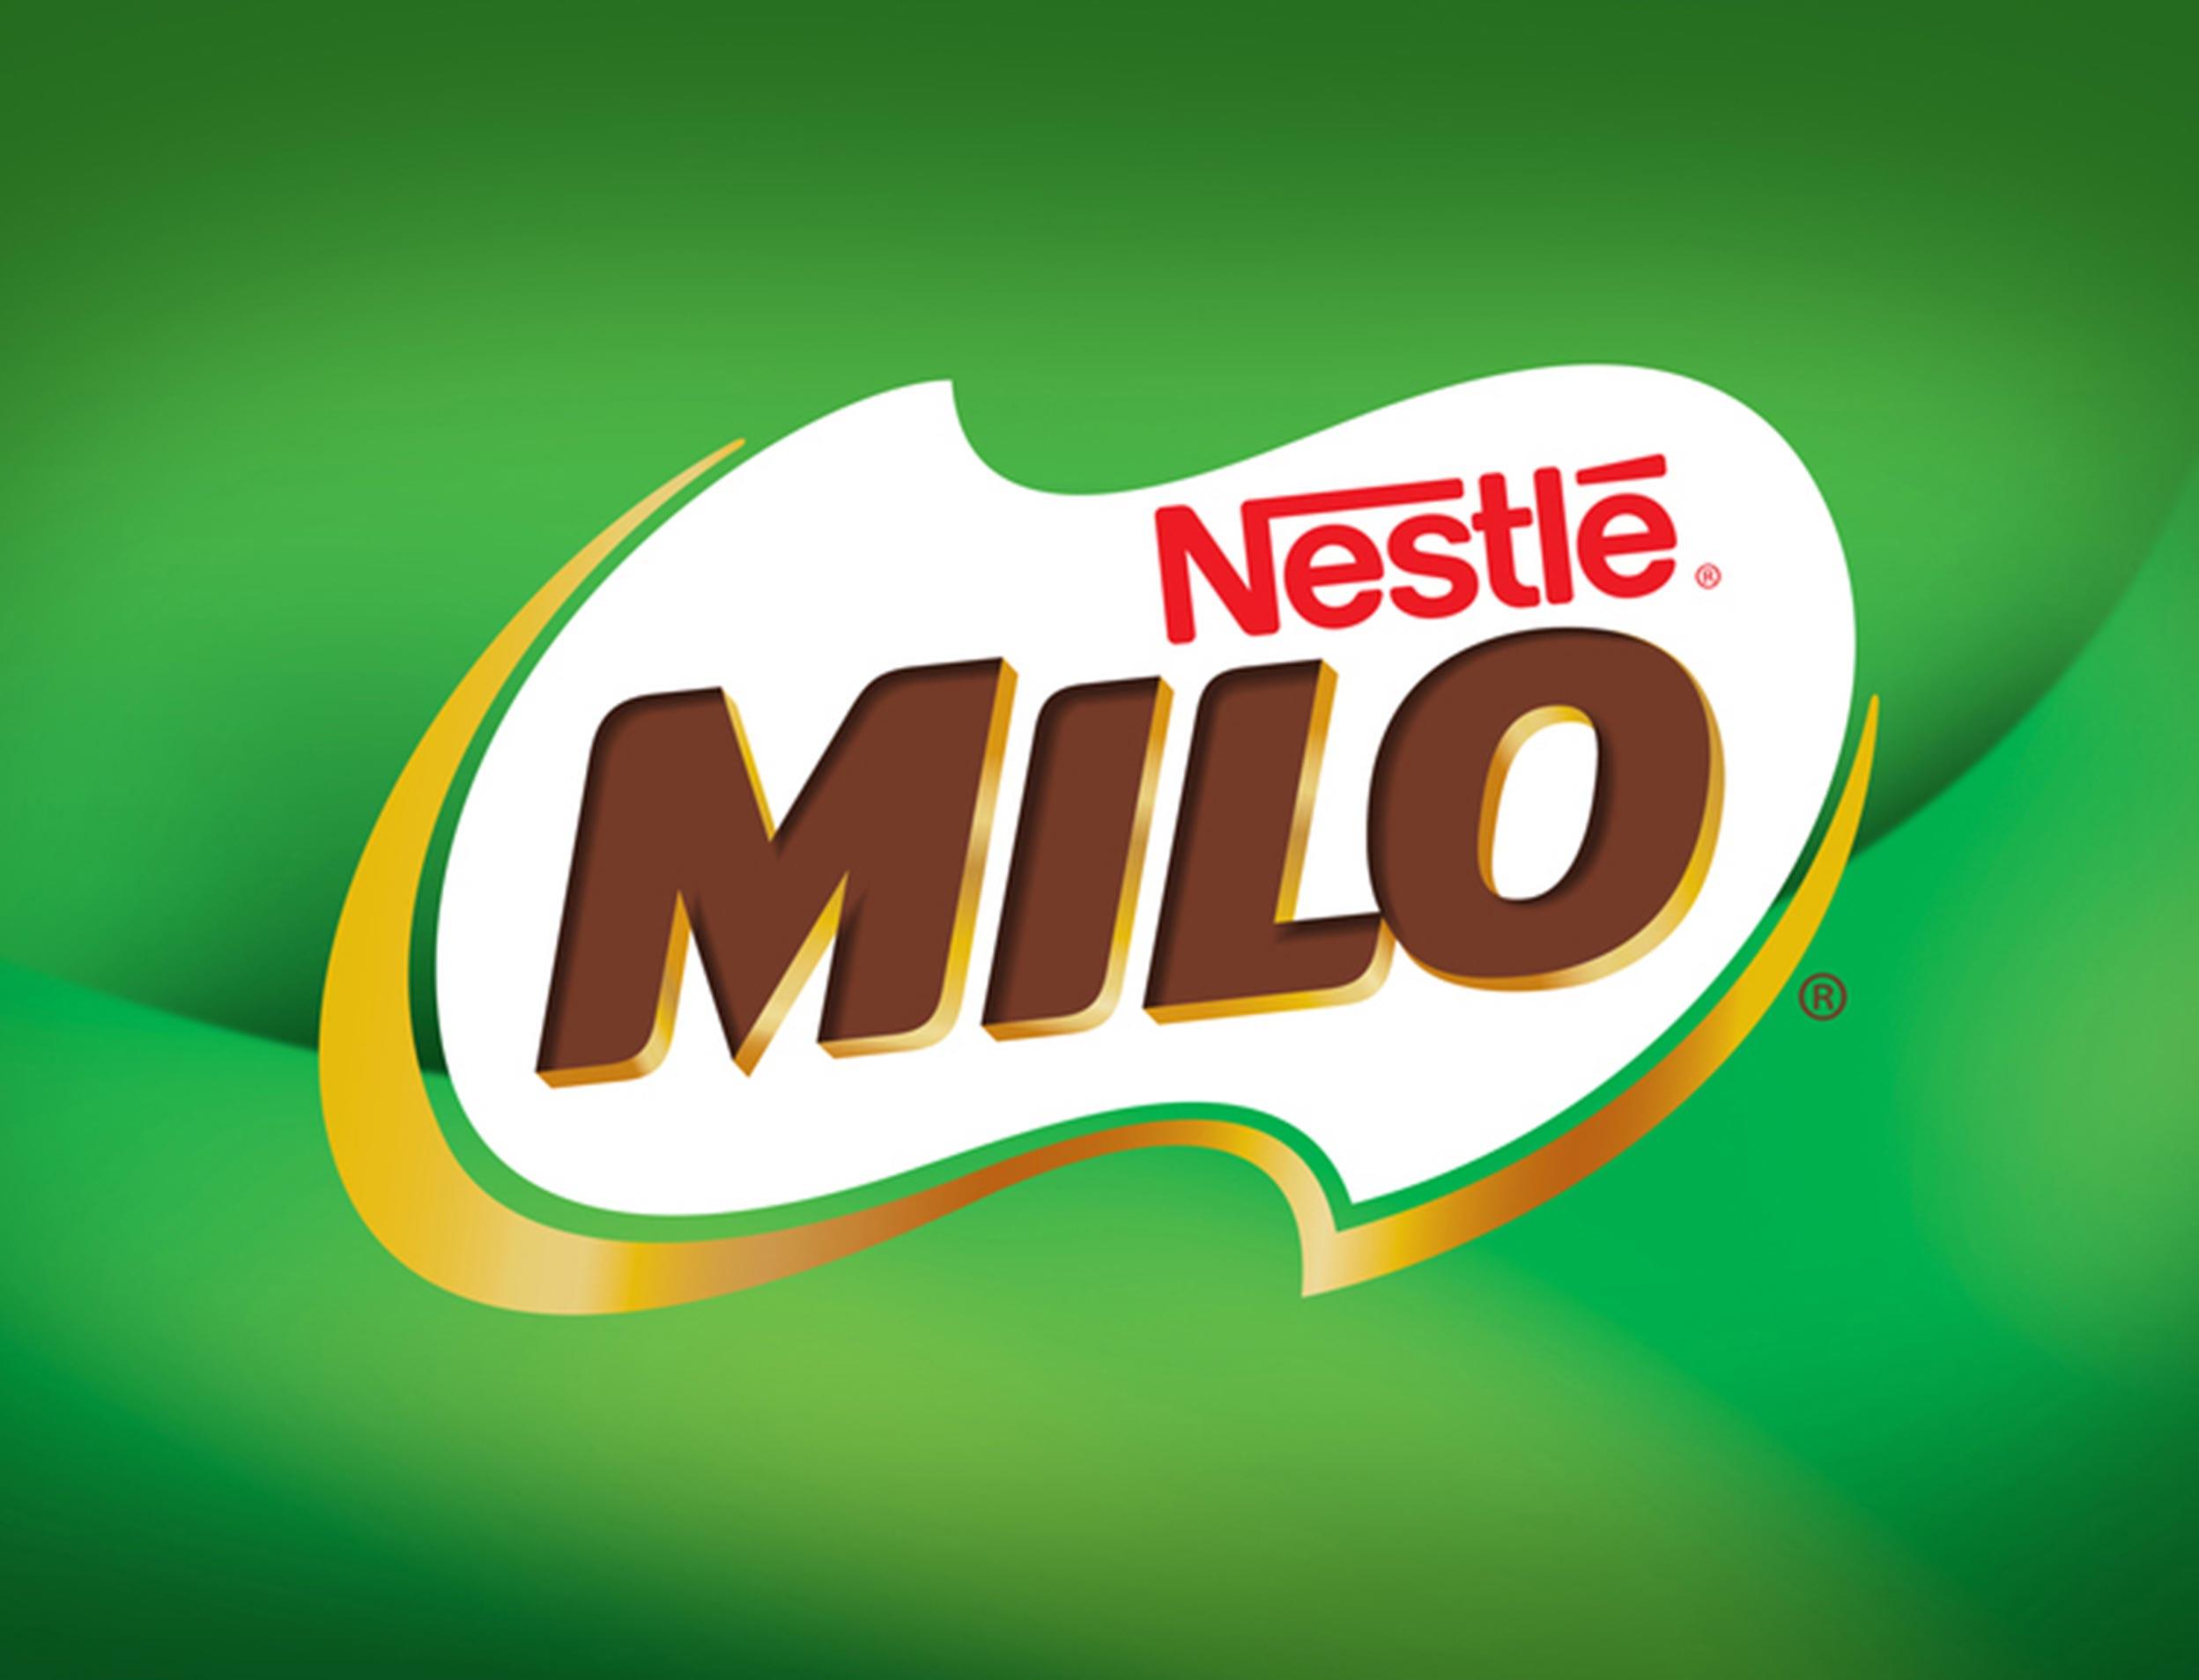 Nestlé Milo refresh & line extension